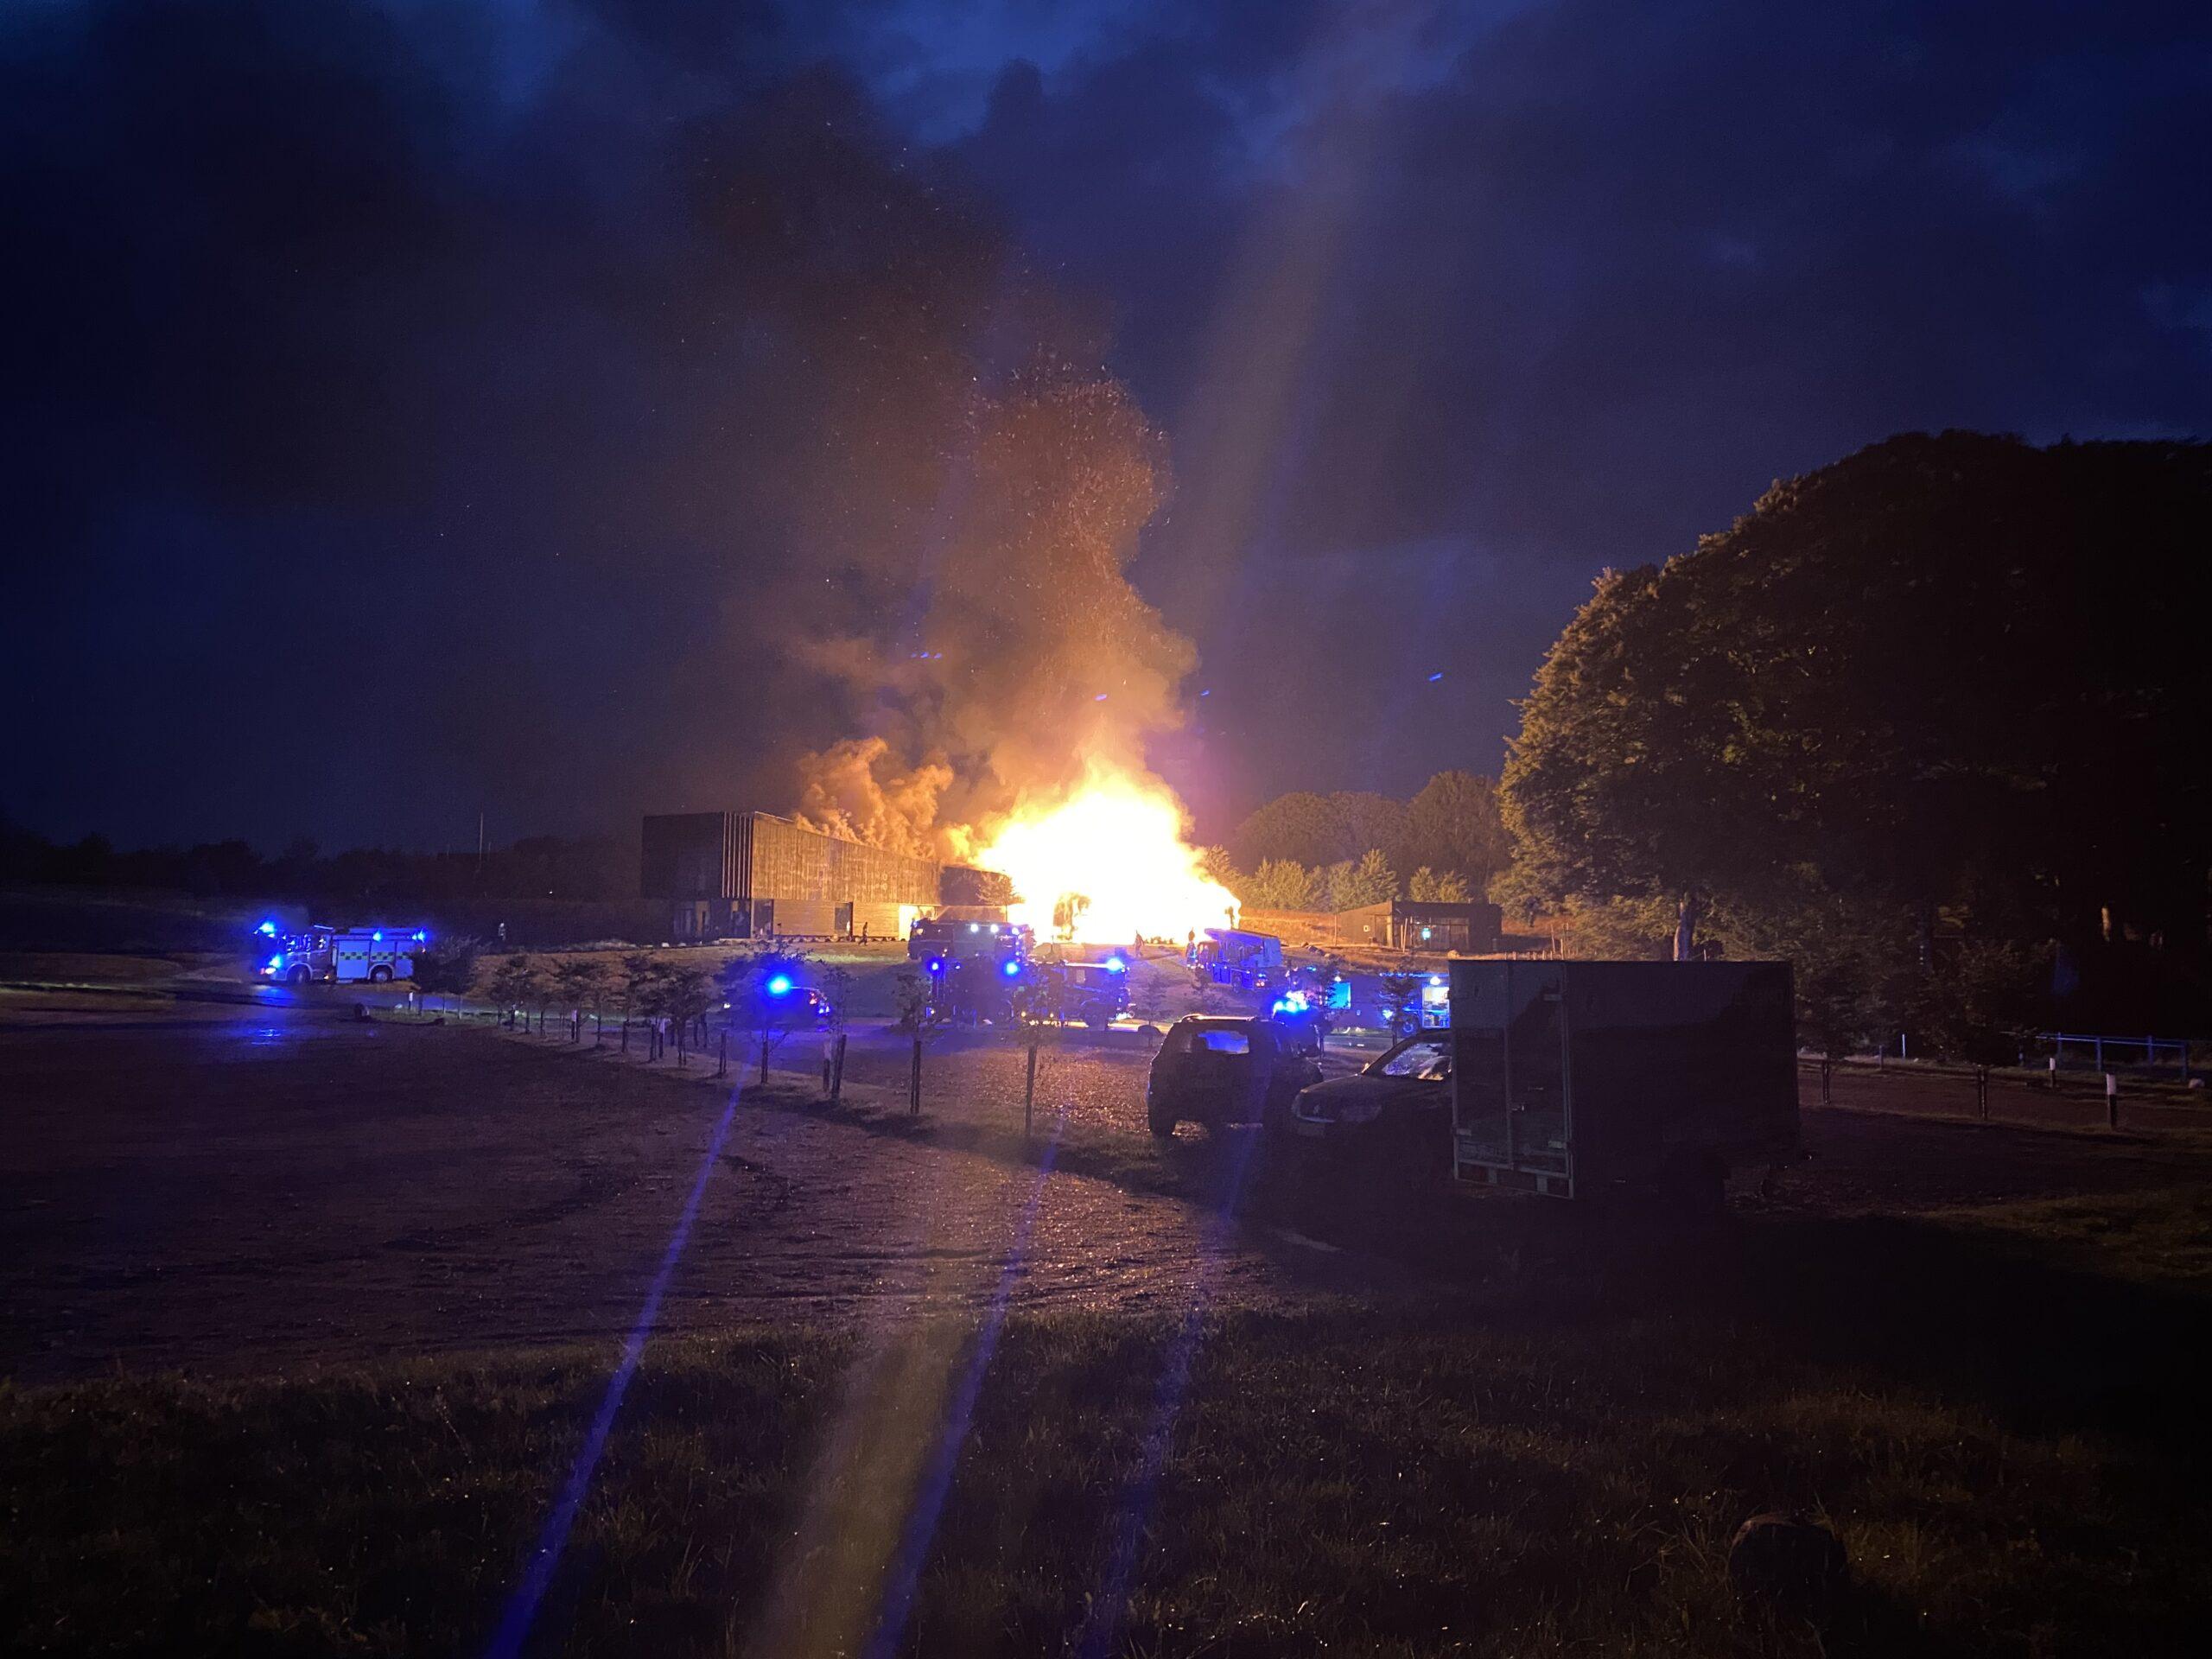 Se video: Brand ved Bridgewalking Lillebælt – Naturcenteret står i flammer